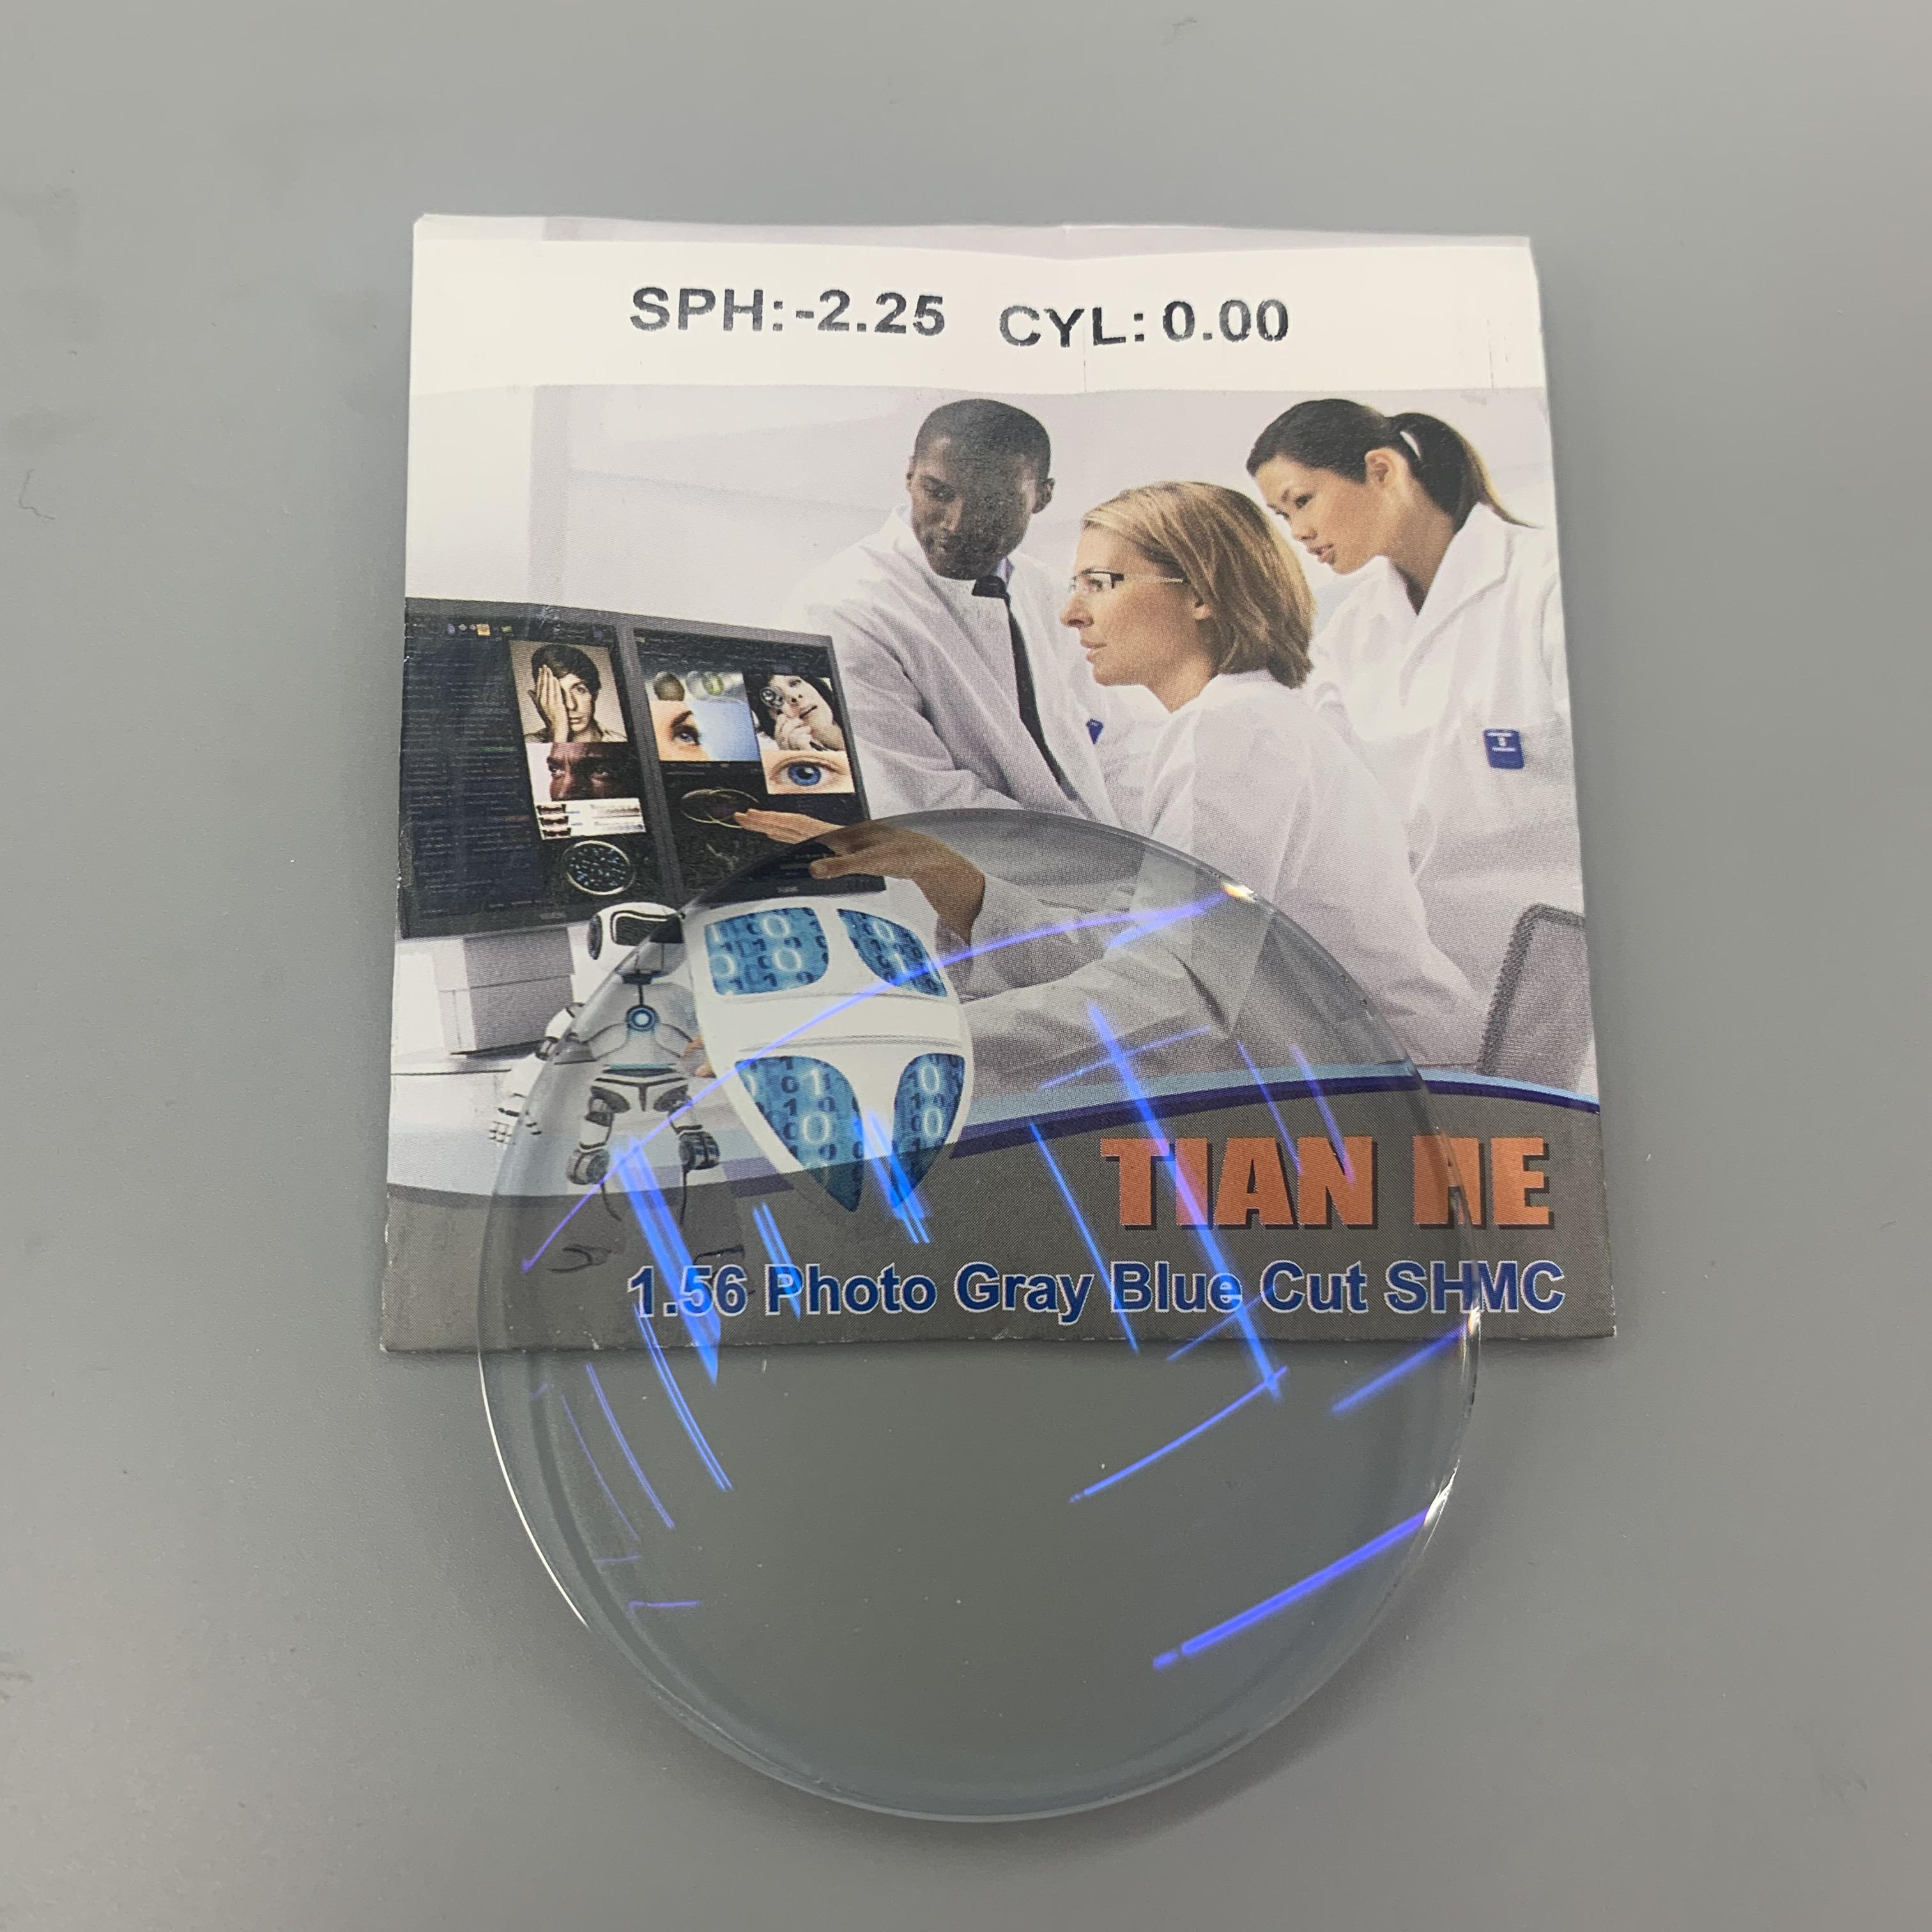 近视配镜镜片1.56树脂变色镜片(灰/茶)防紫外线防蓝光太阳镜